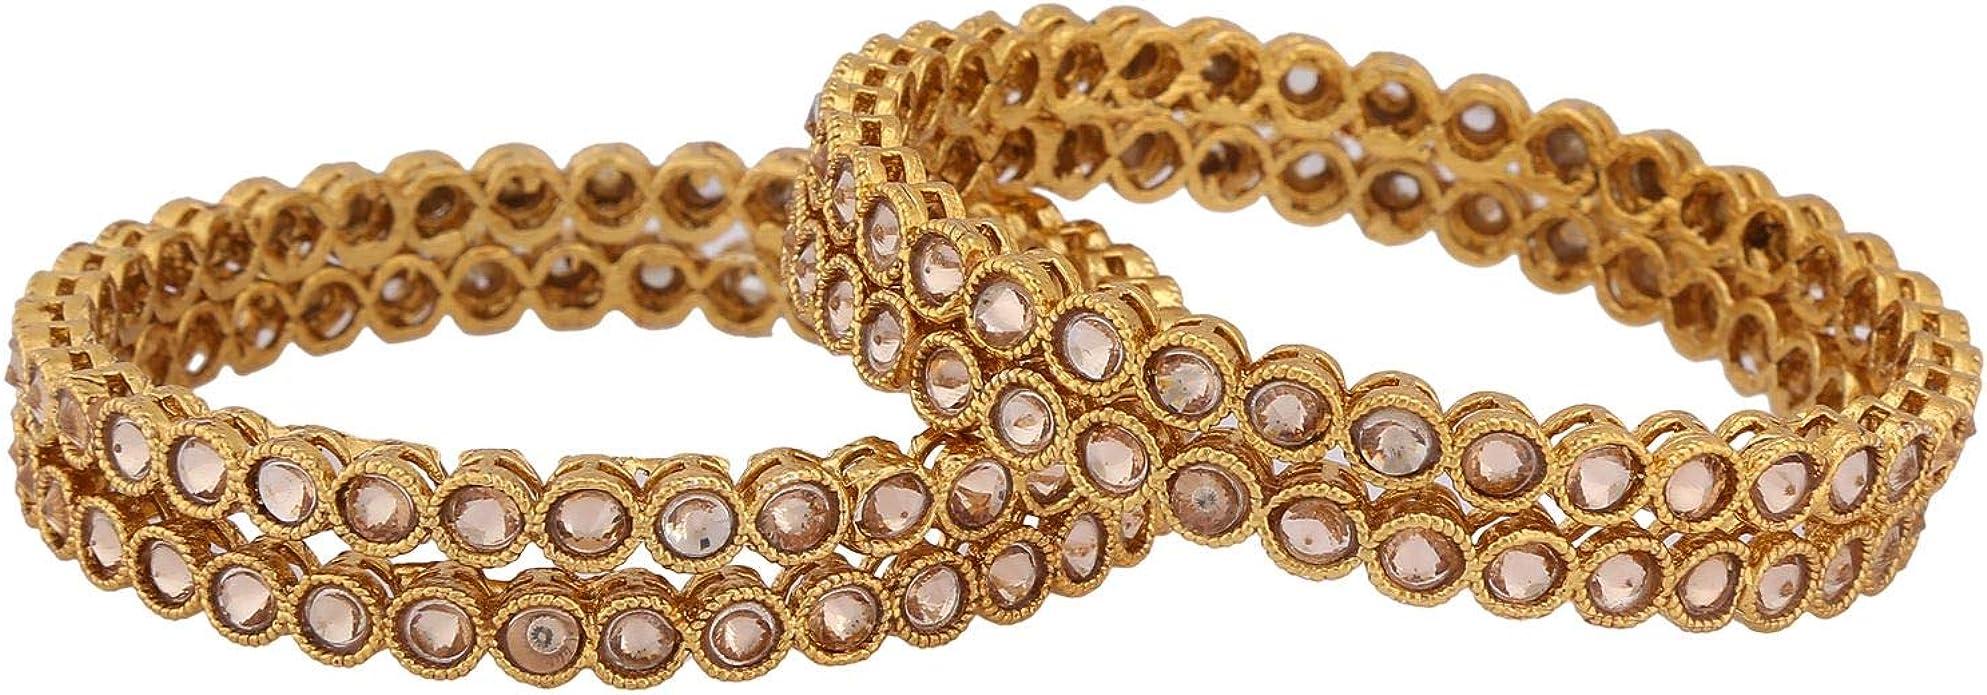 Efulgenz Indian Style Bollywood Traditional Gold Plated Faux Kundan Stone Wedding Bridal Bracelet Bangle Set Jewelry